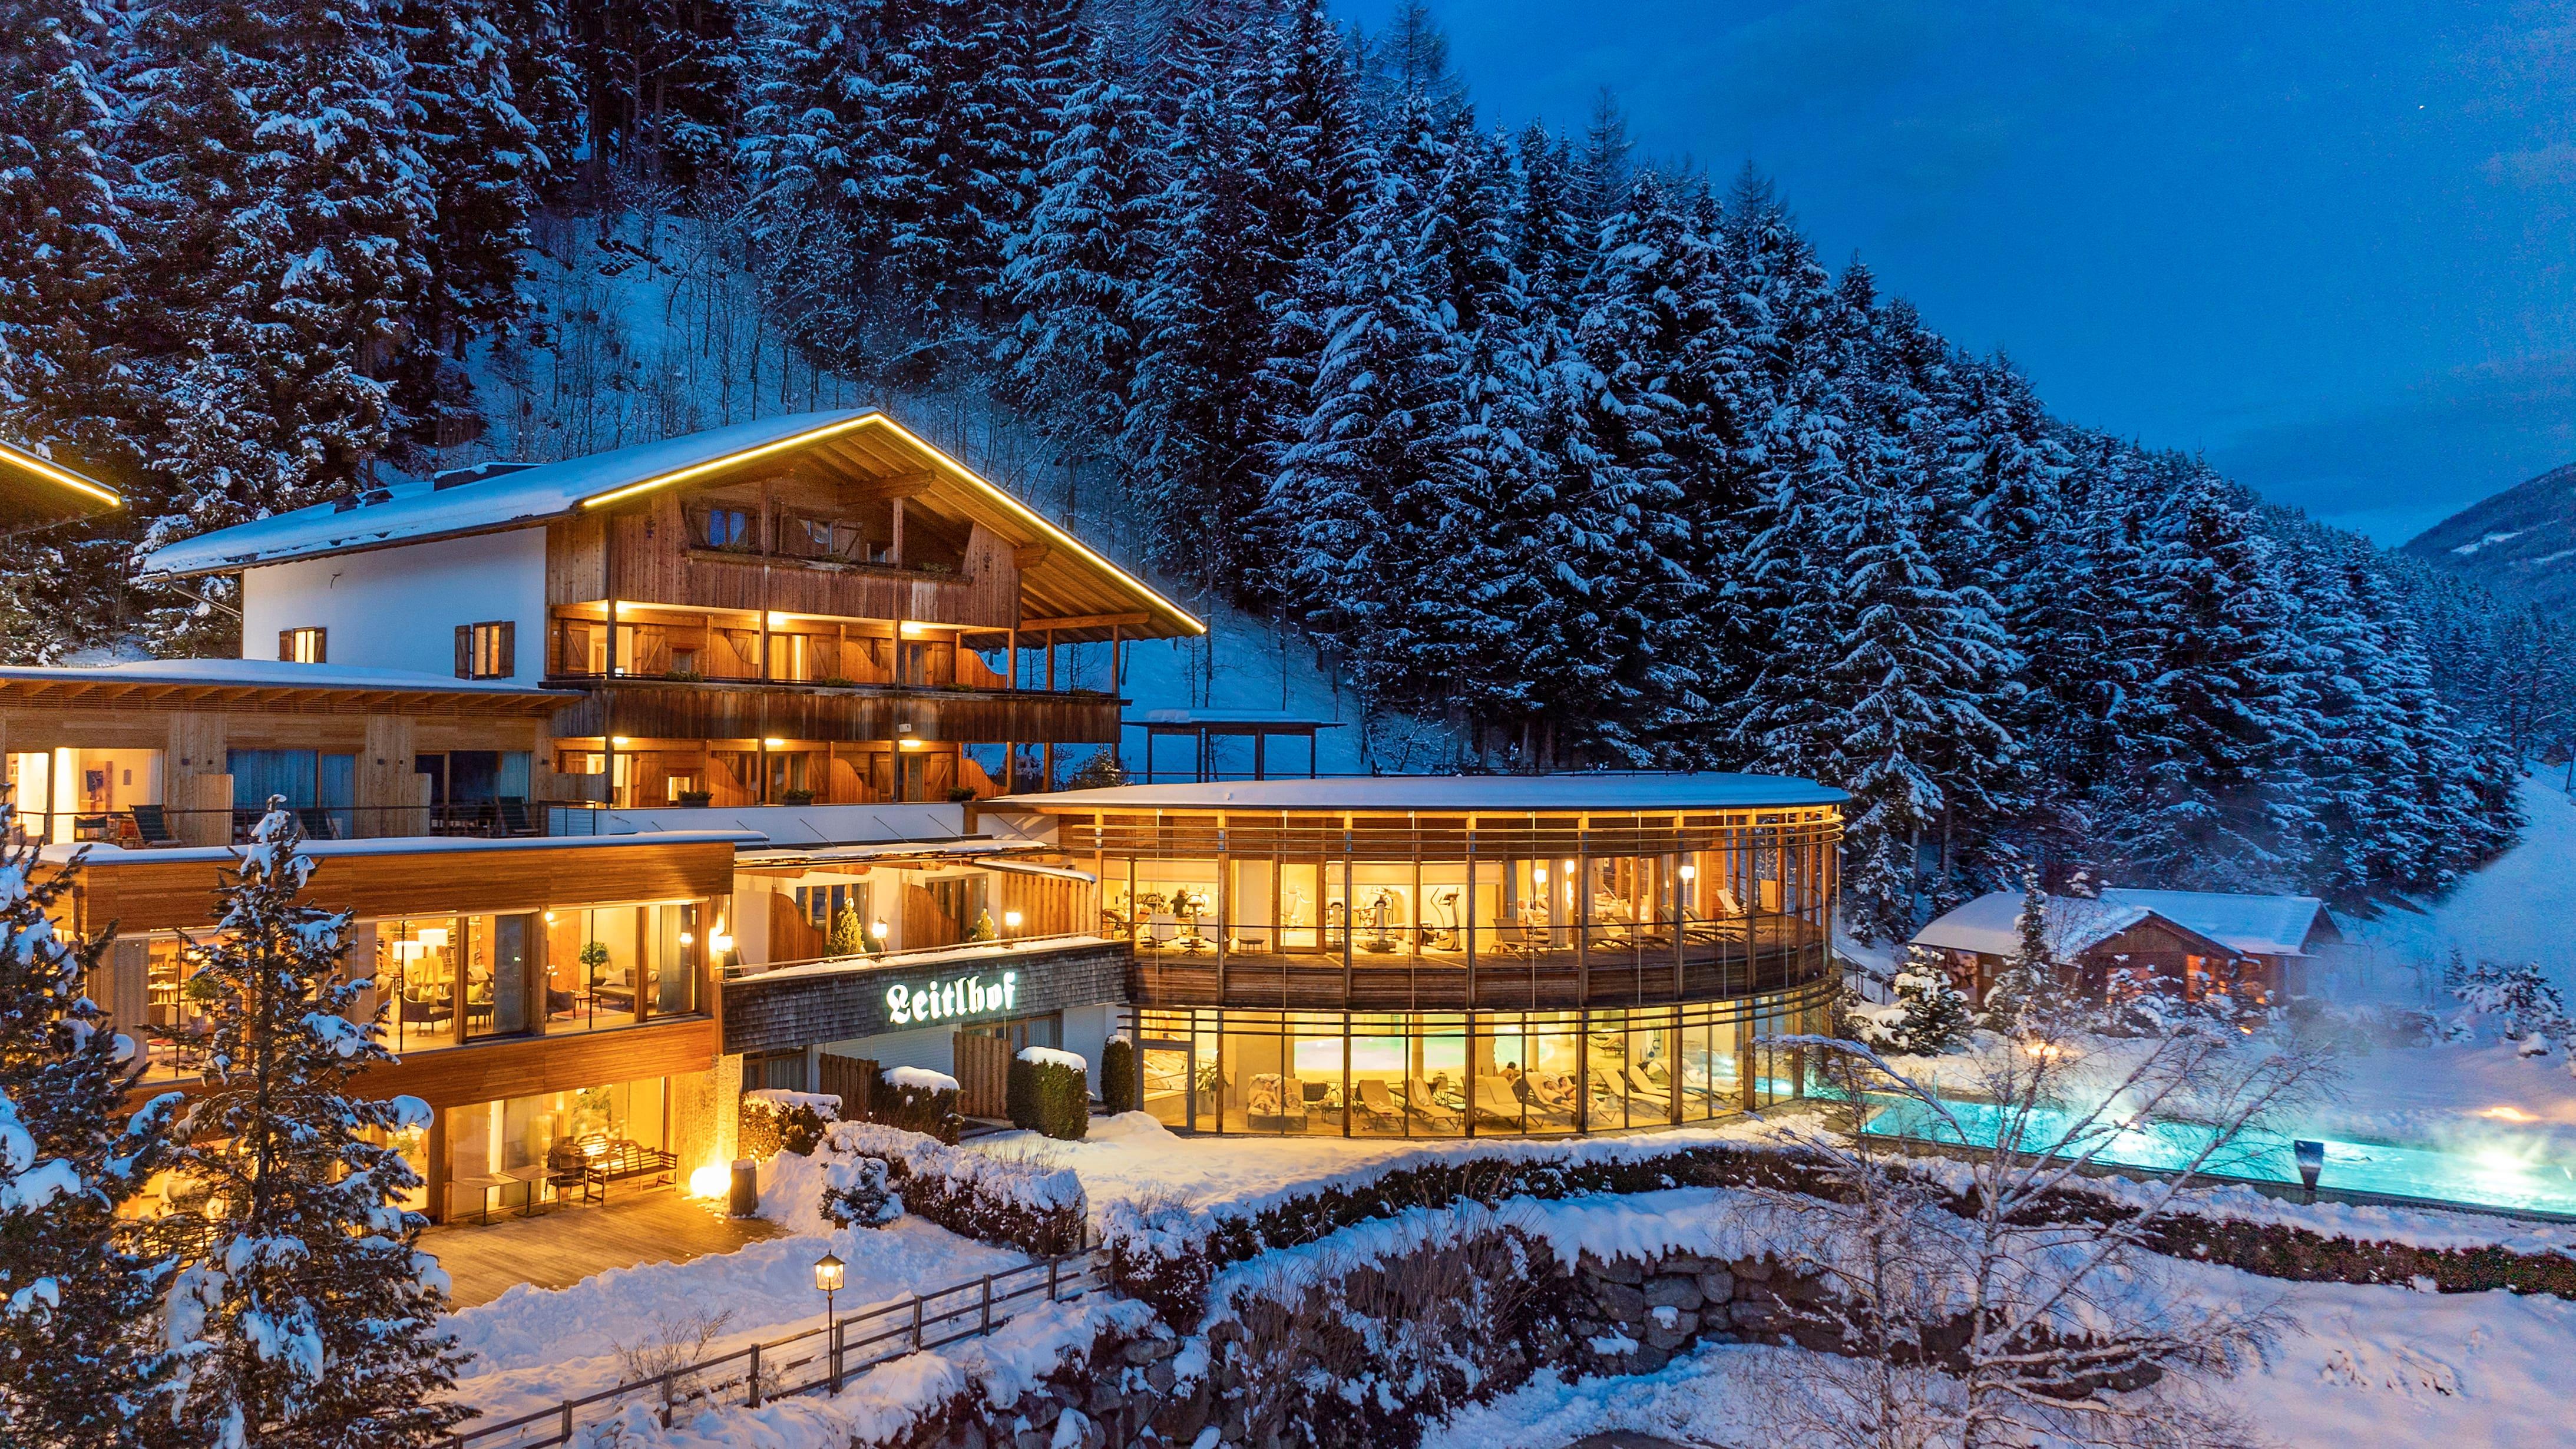 Leitlhof Dolomiten hotel at night